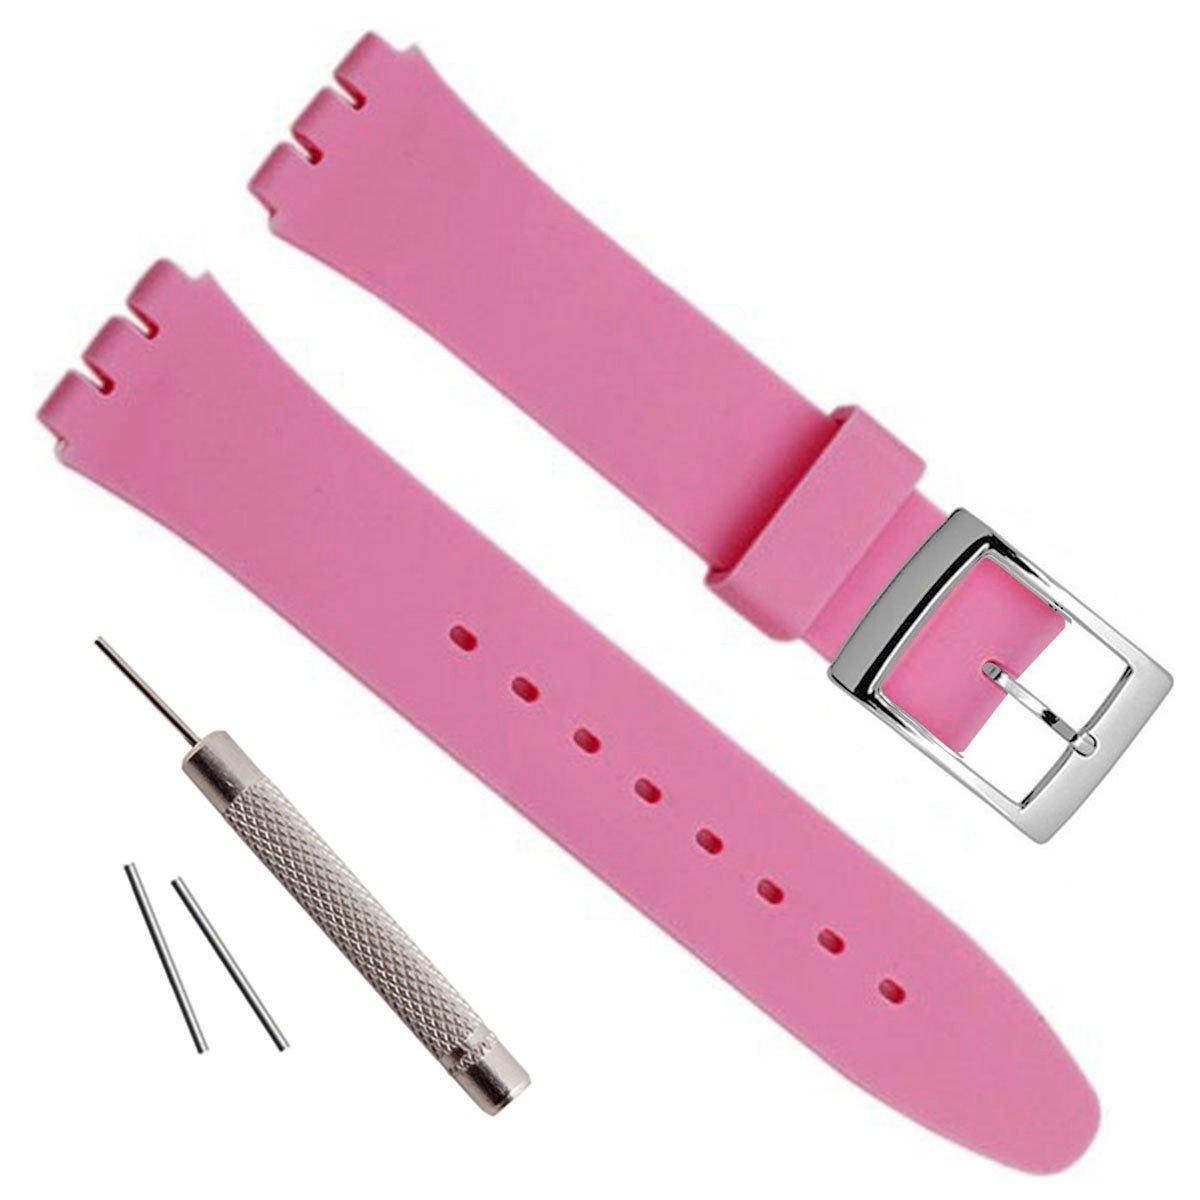 シルバーメッキステンレススチールバックル防水シリコンラバー腕時計ストラップ時計バンド 17mm ピンク 17mm|ピンク ピンク 17mm B07799R7WH